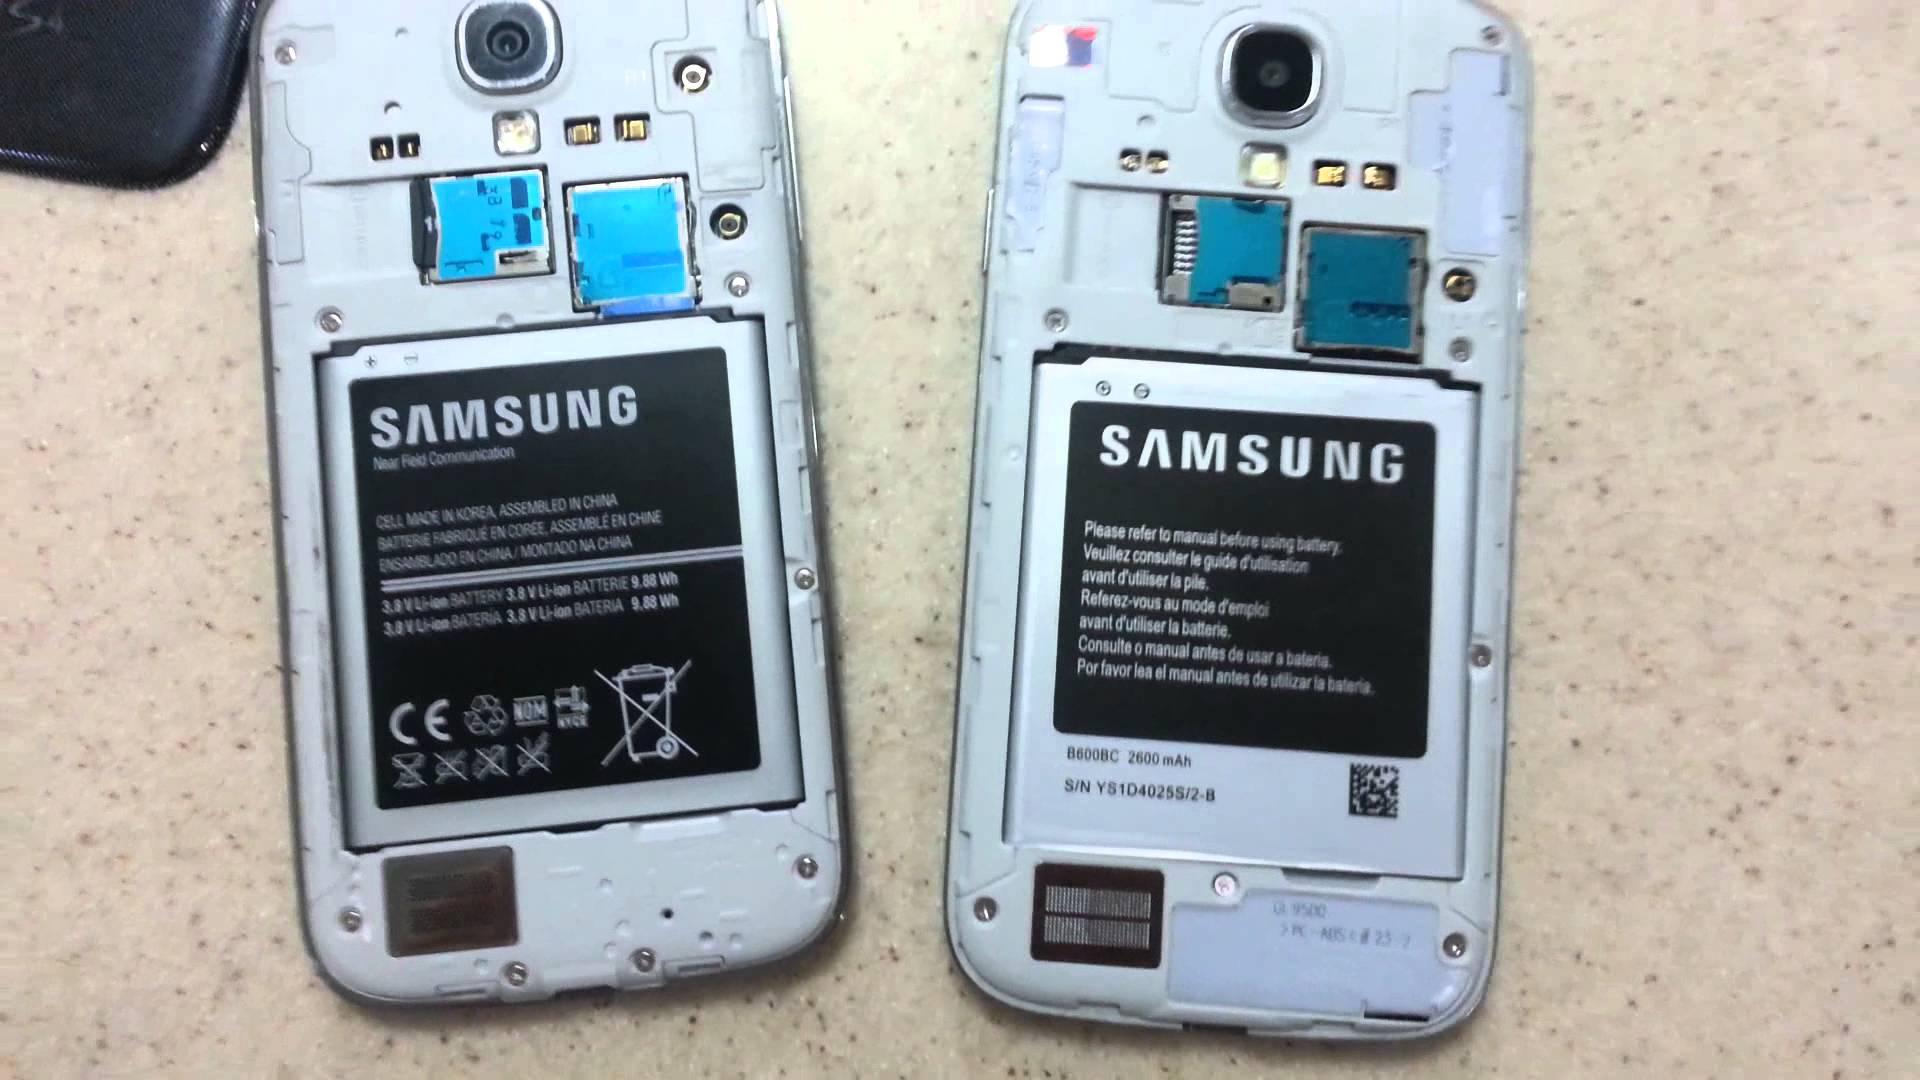 Kupnja Android uređaja kao što je Samsung Galaxy S4 bi trebao biti prilično jednostavan Vidite telefon platite i dobijete telefon